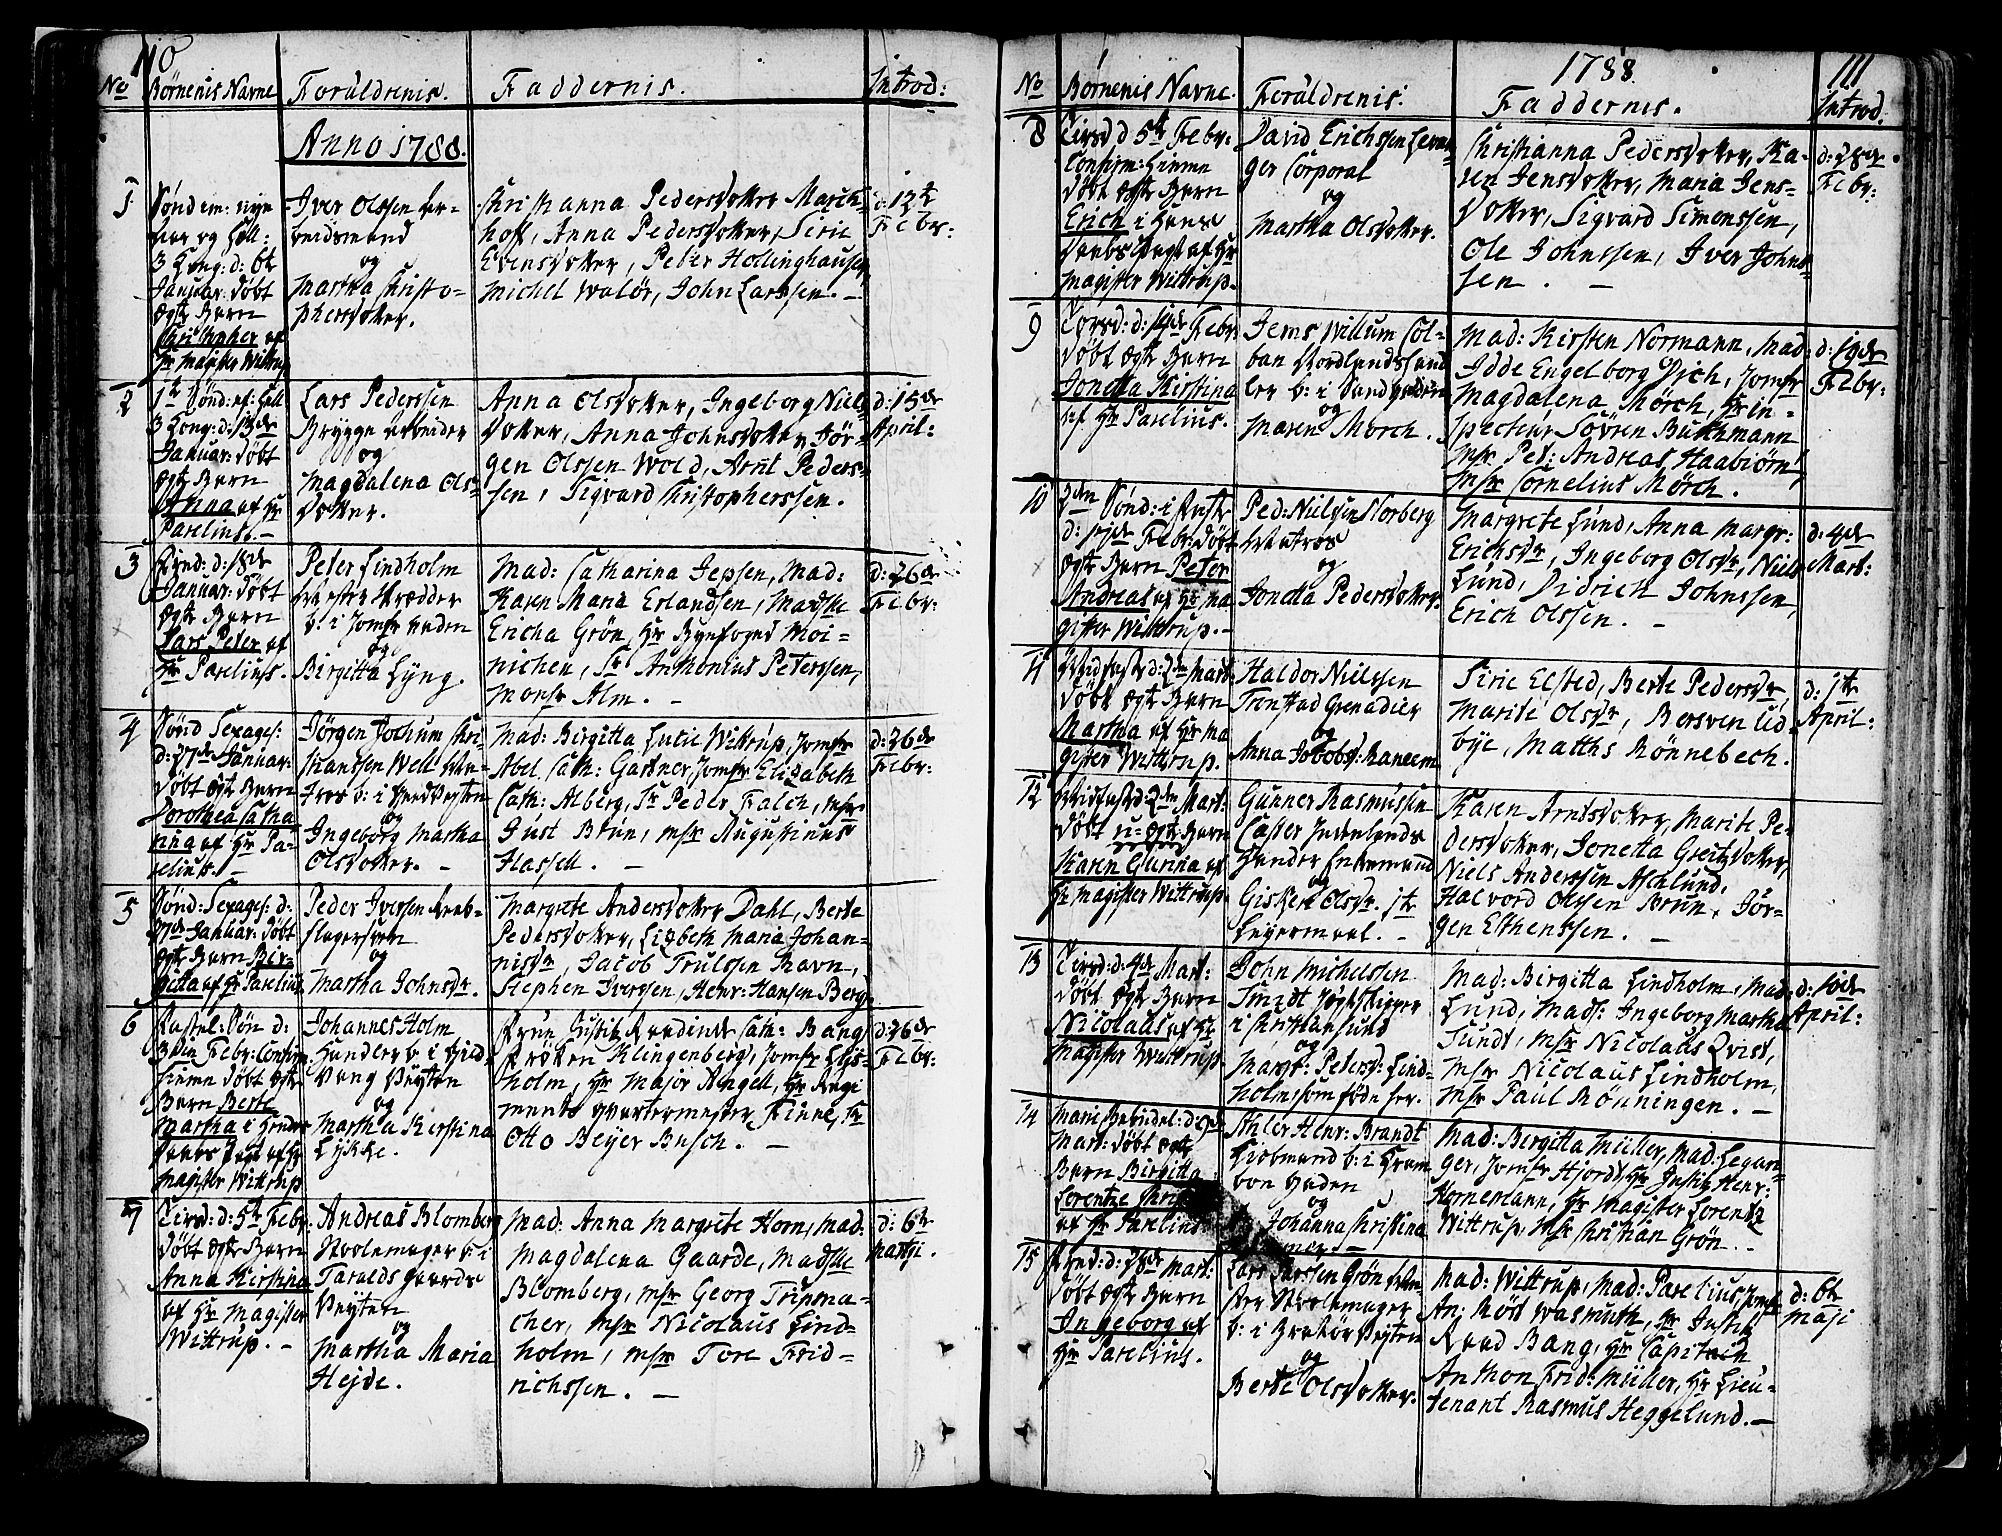 SAT, Ministerialprotokoller, klokkerbøker og fødselsregistre - Sør-Trøndelag, 602/L0104: Ministerialbok nr. 602A02, 1774-1814, s. 110-111